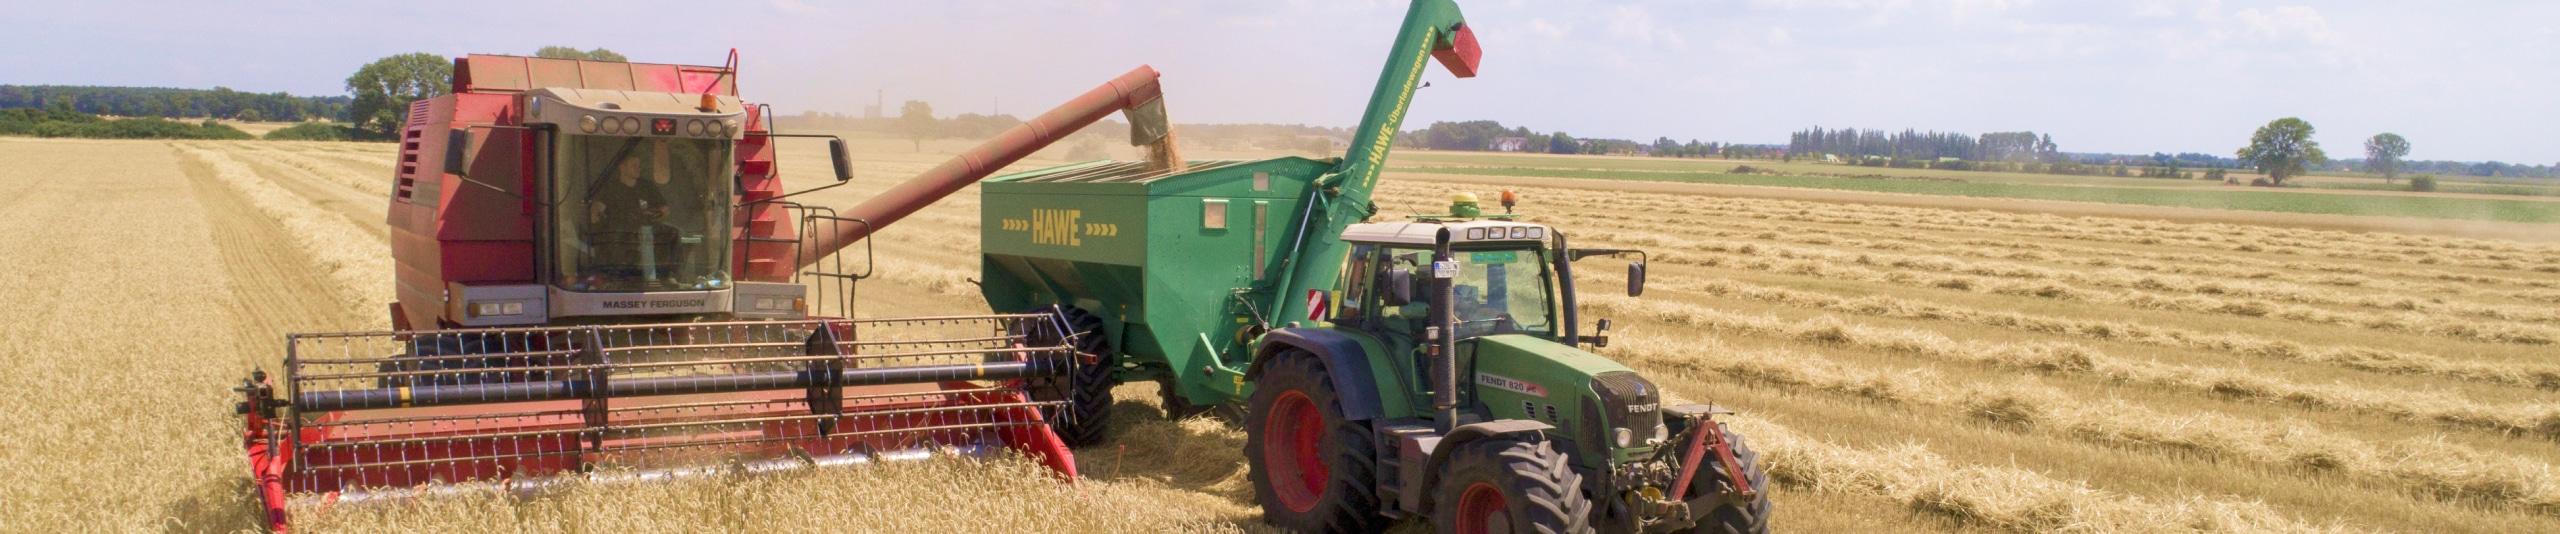 Seguro Frota Agrícola: proteção à medida das empresas que trabalham a terra